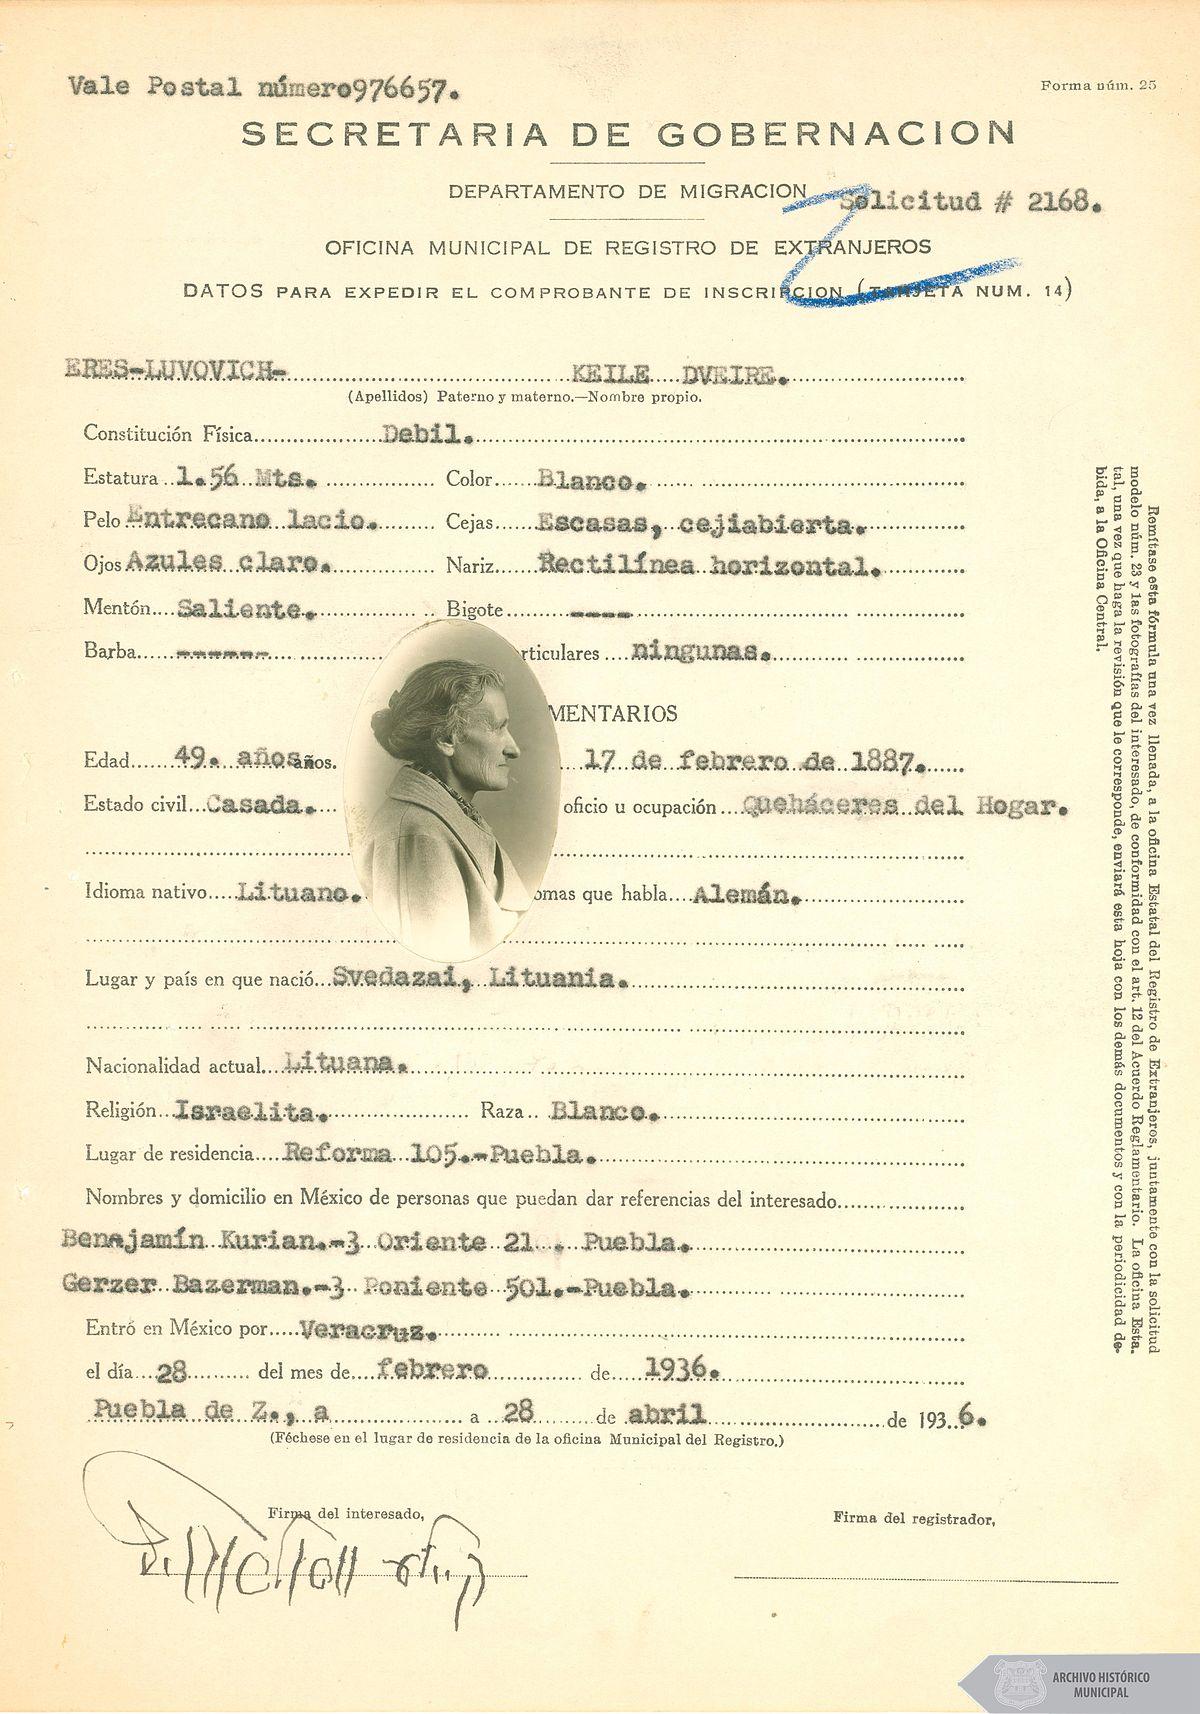 Archivo encontrado en el movil de maira - 1 7